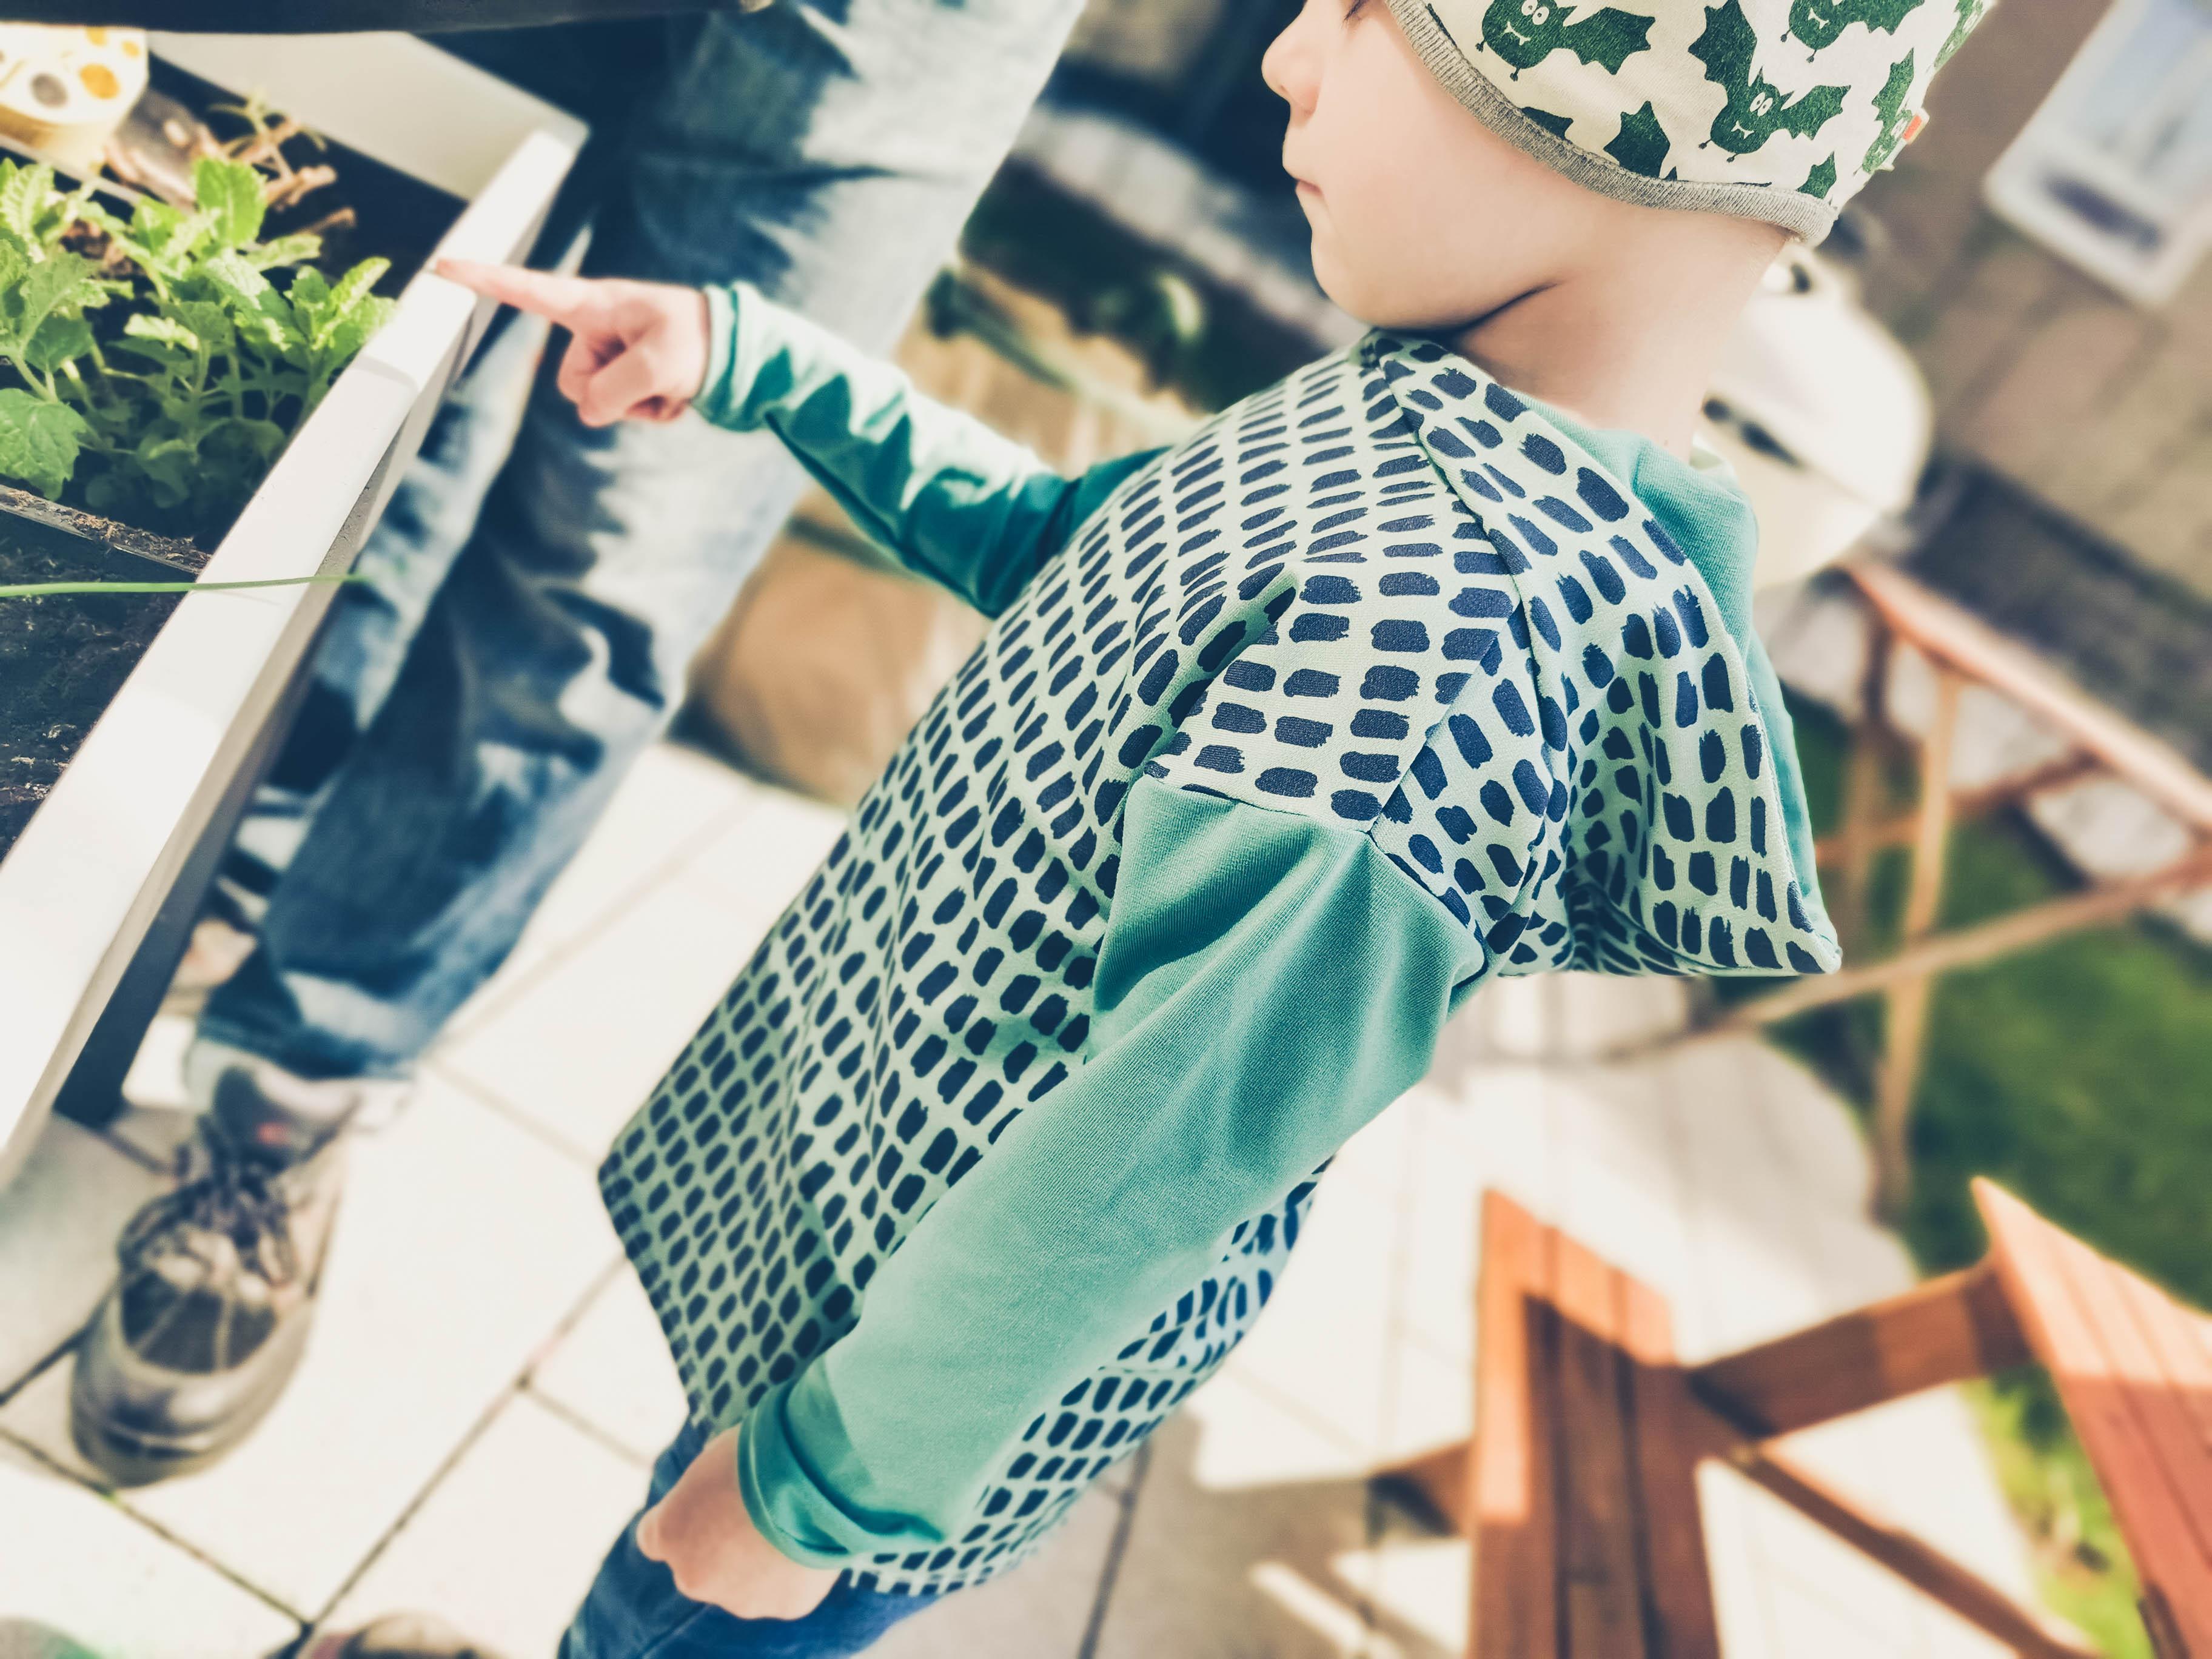 Kind in Longsleeve Mitty mit Kapuze zeigt auf Hochbeet